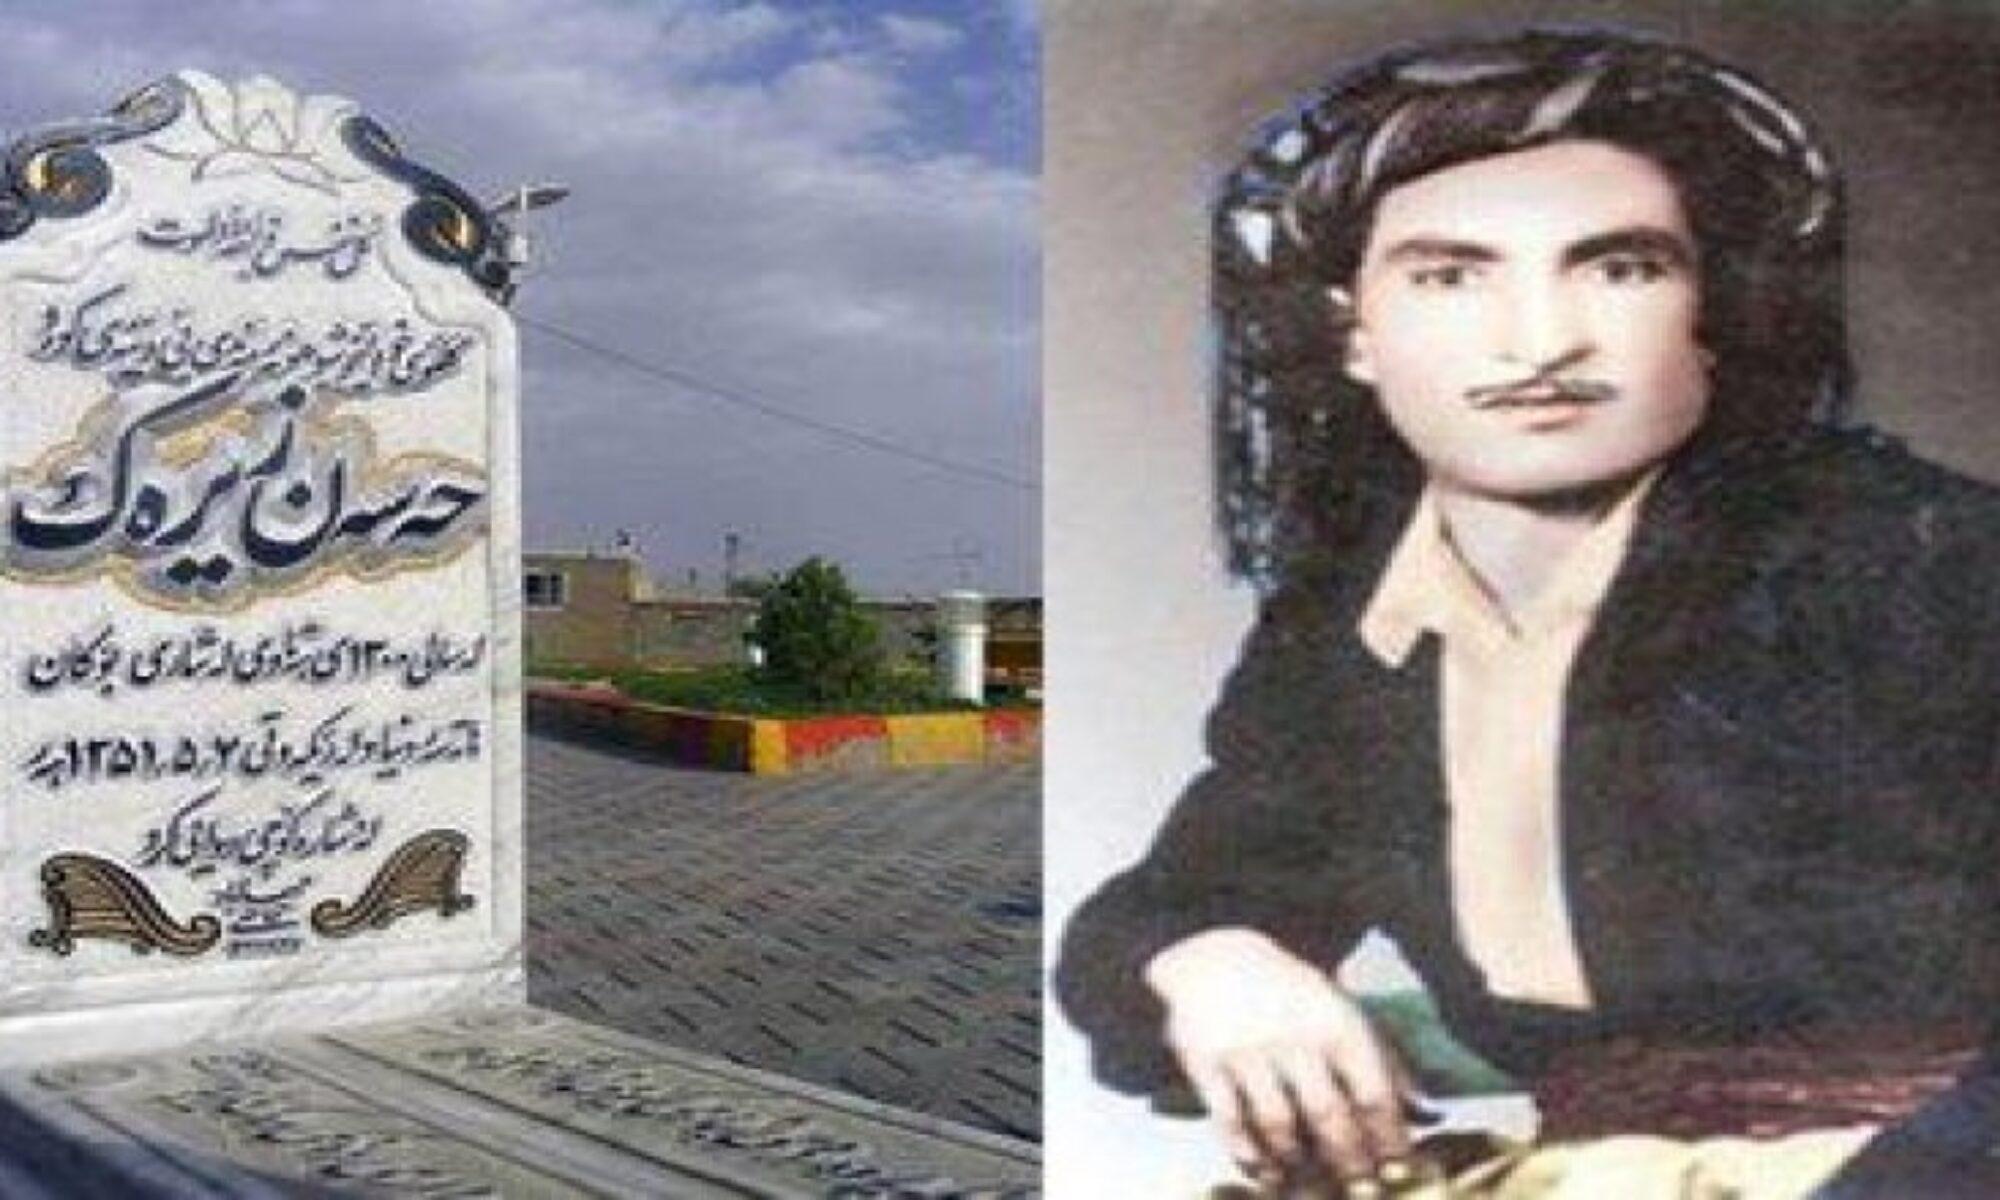 Hesen Zirek'in 49 yıl önce bu gün ardında 1500'e yakın eser bırakarak aramızdan ayrıldı Pire Merd, Bokan, Mahabat, Kürdistan, Ey Niştiman, Newroz, yalla ŞOför